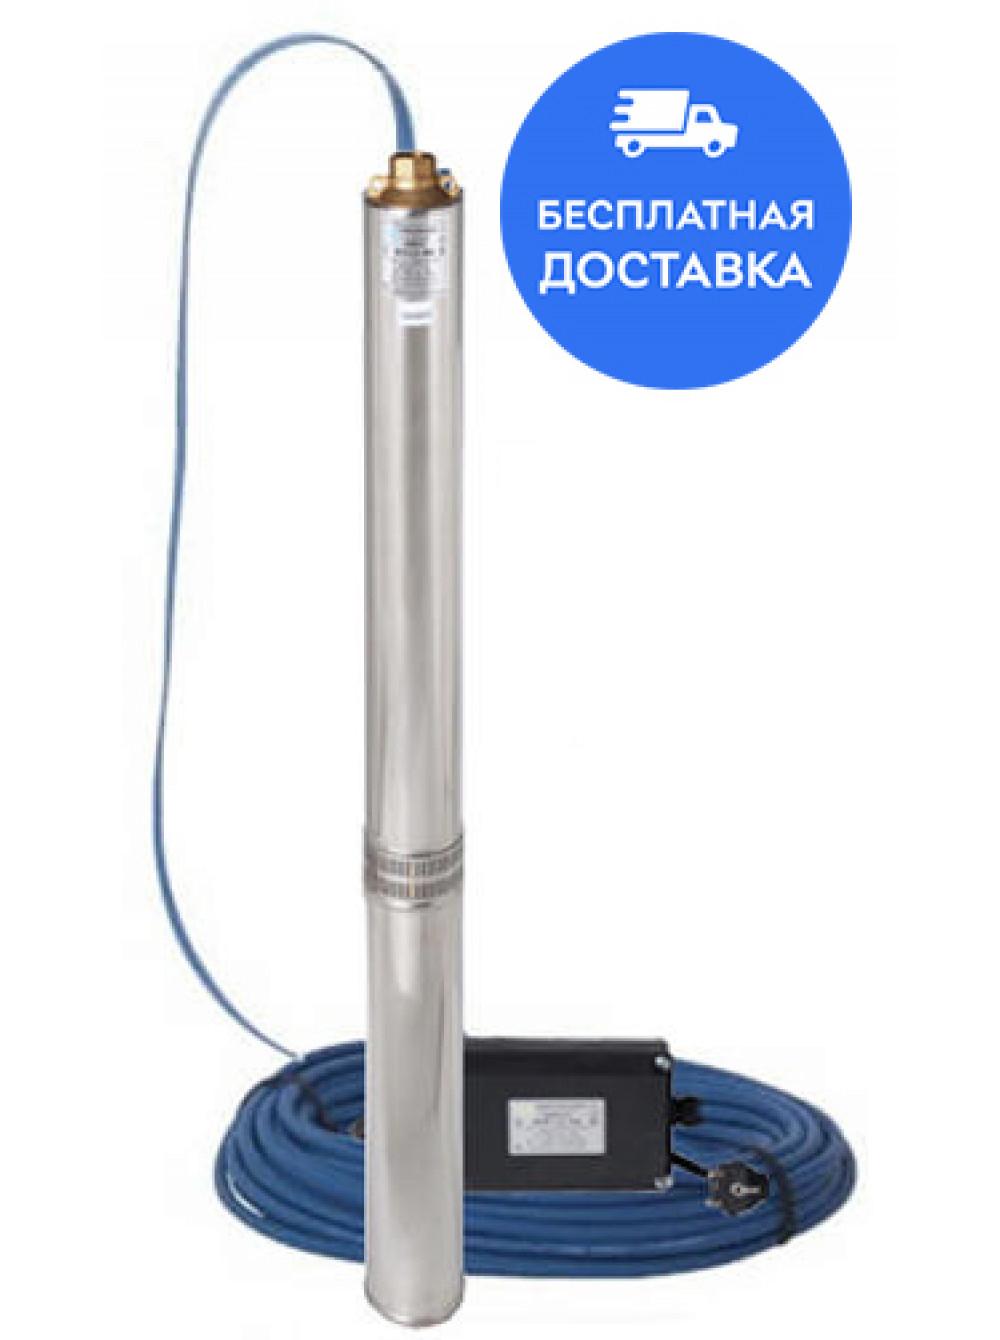 Насос погружной Водолей БЦПЭ 0,3-80У 1m3/h-2m3/h цена